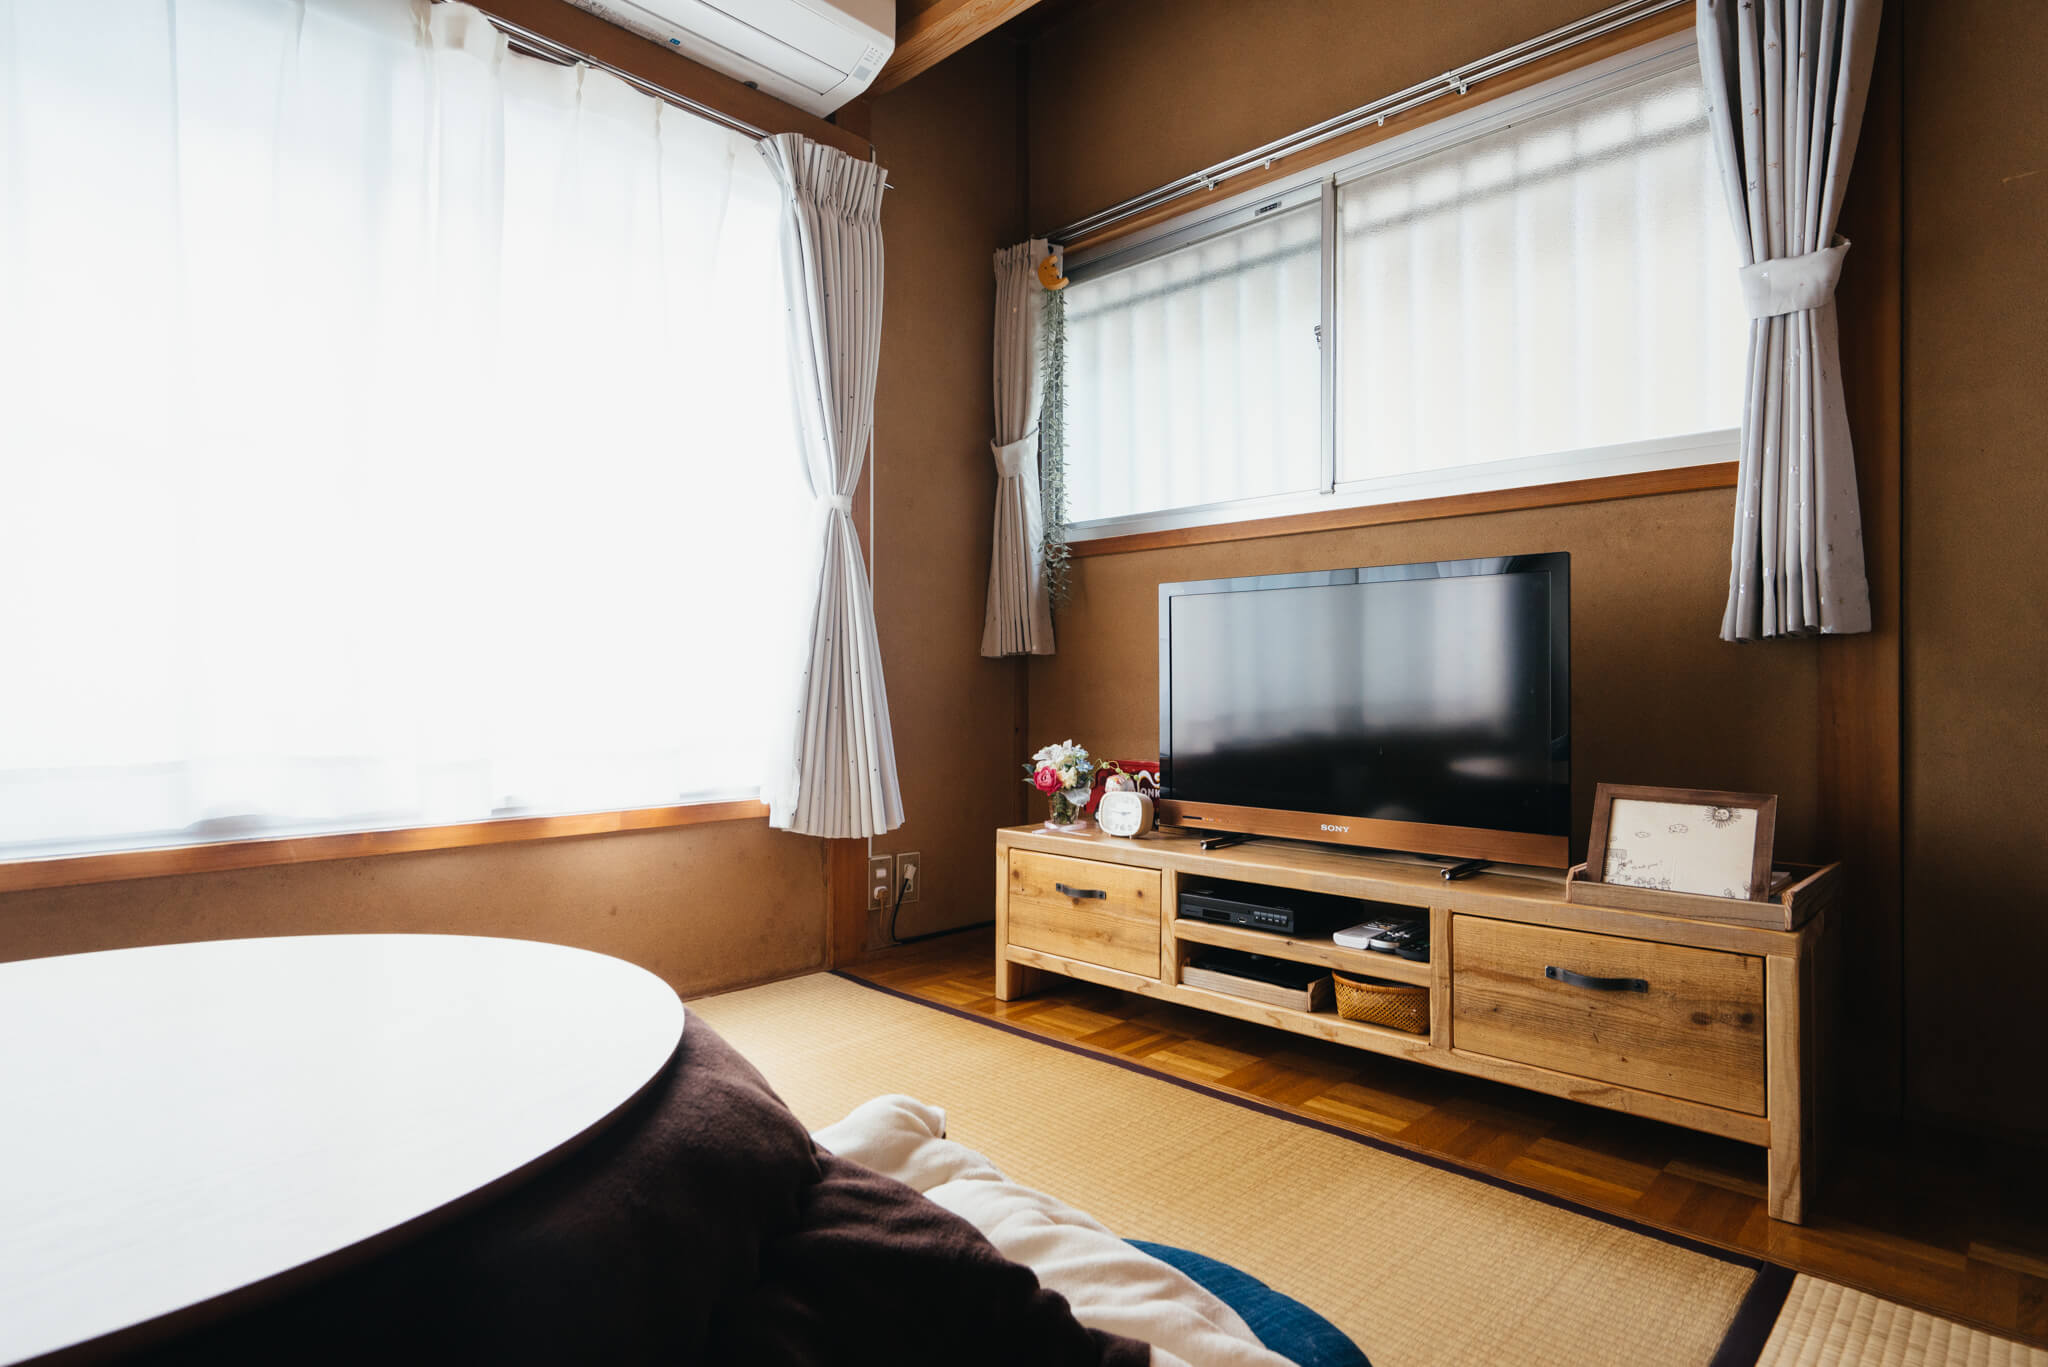 家具は、「対応の良さに感動した」という、ネットストアの WOODPRO でほとんど揃えました。和の雰囲気に、木の家具ってよく似合いますね。